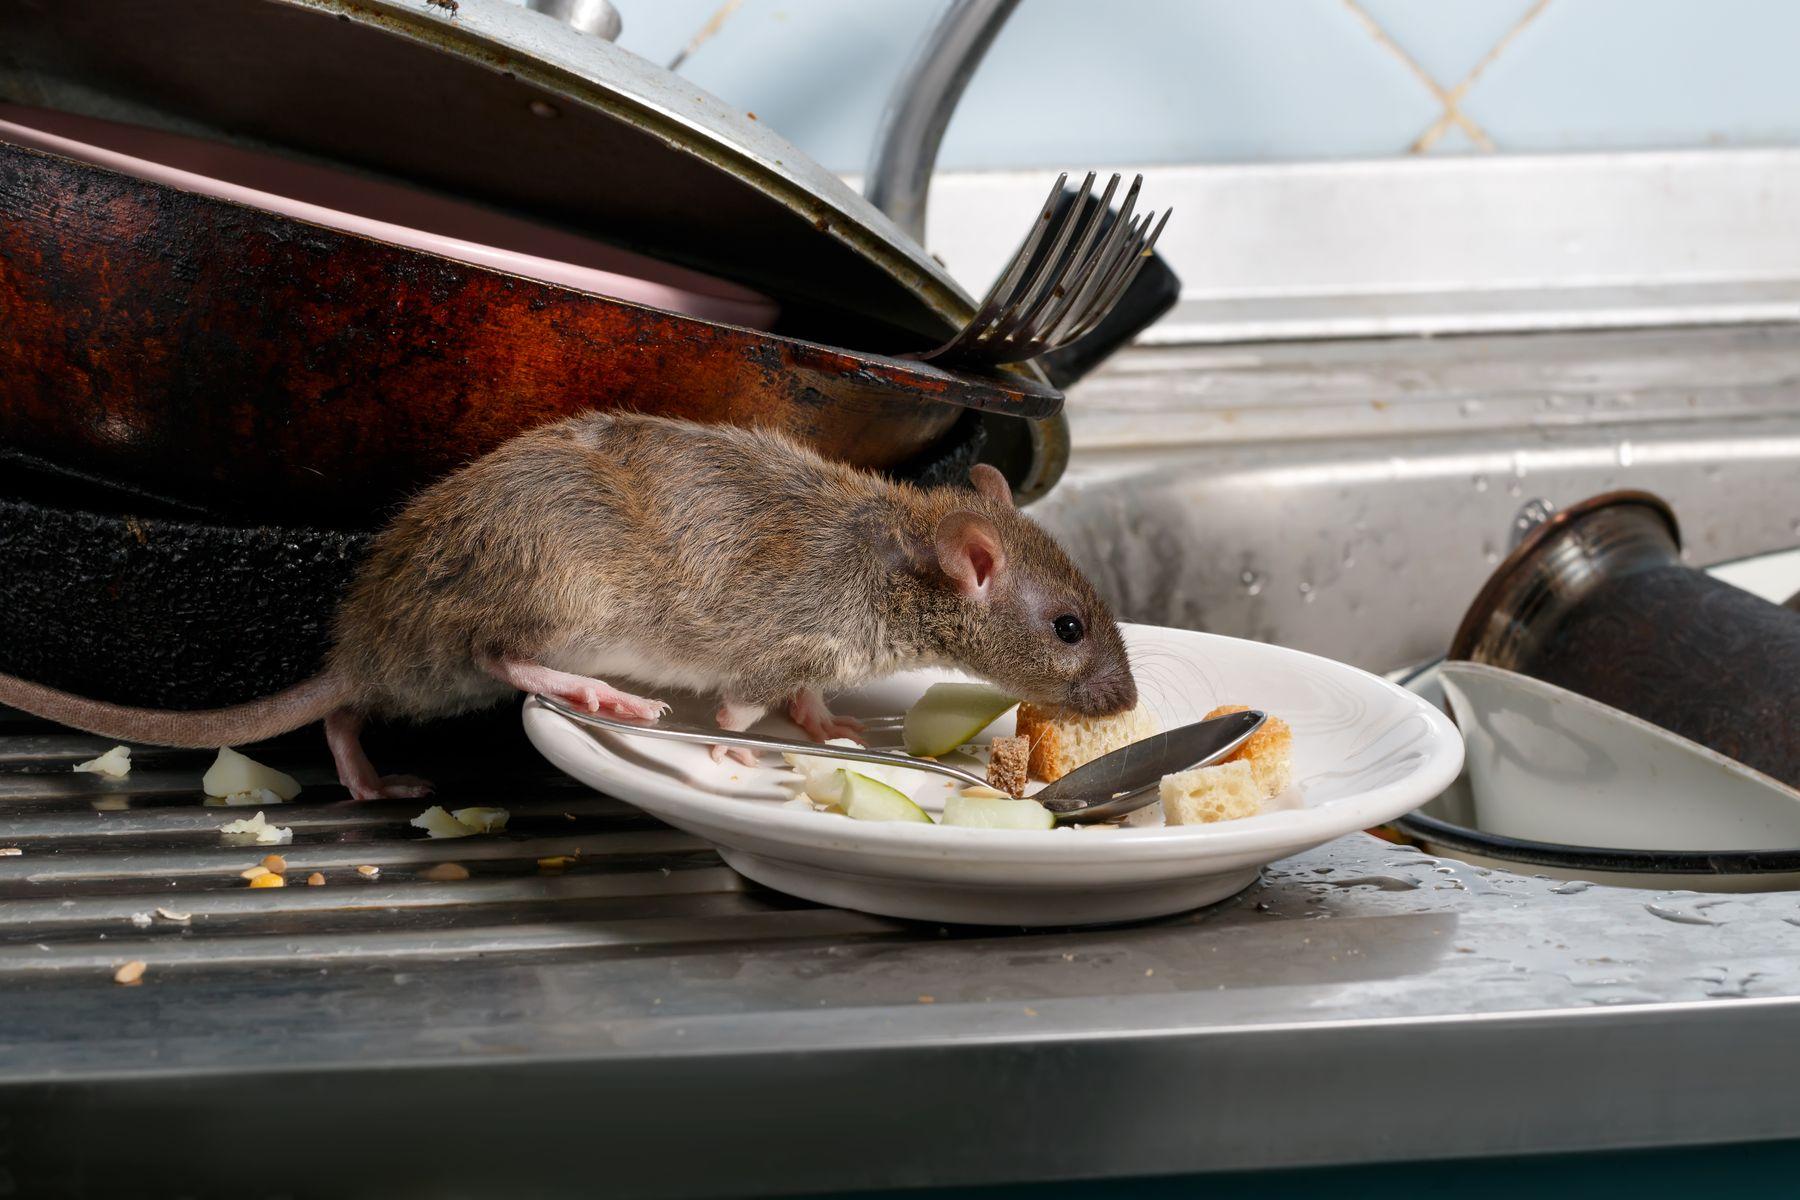 fare nasıl yok edilir